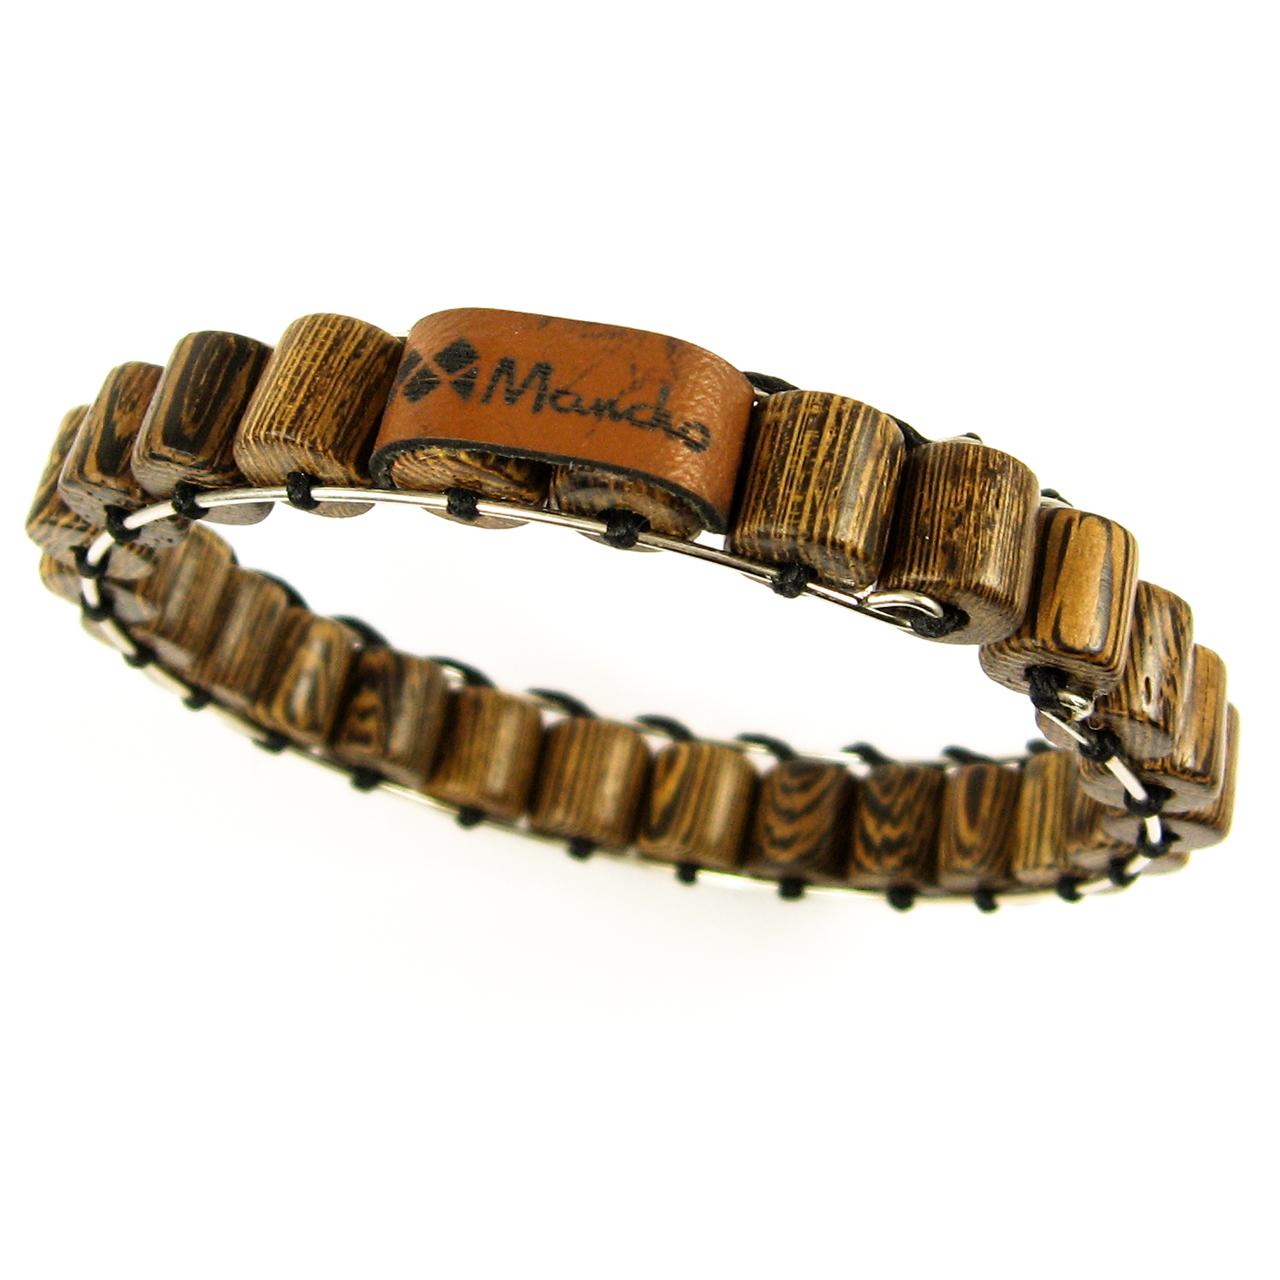 دستبند النگویی چوب مانچو مدل bf723